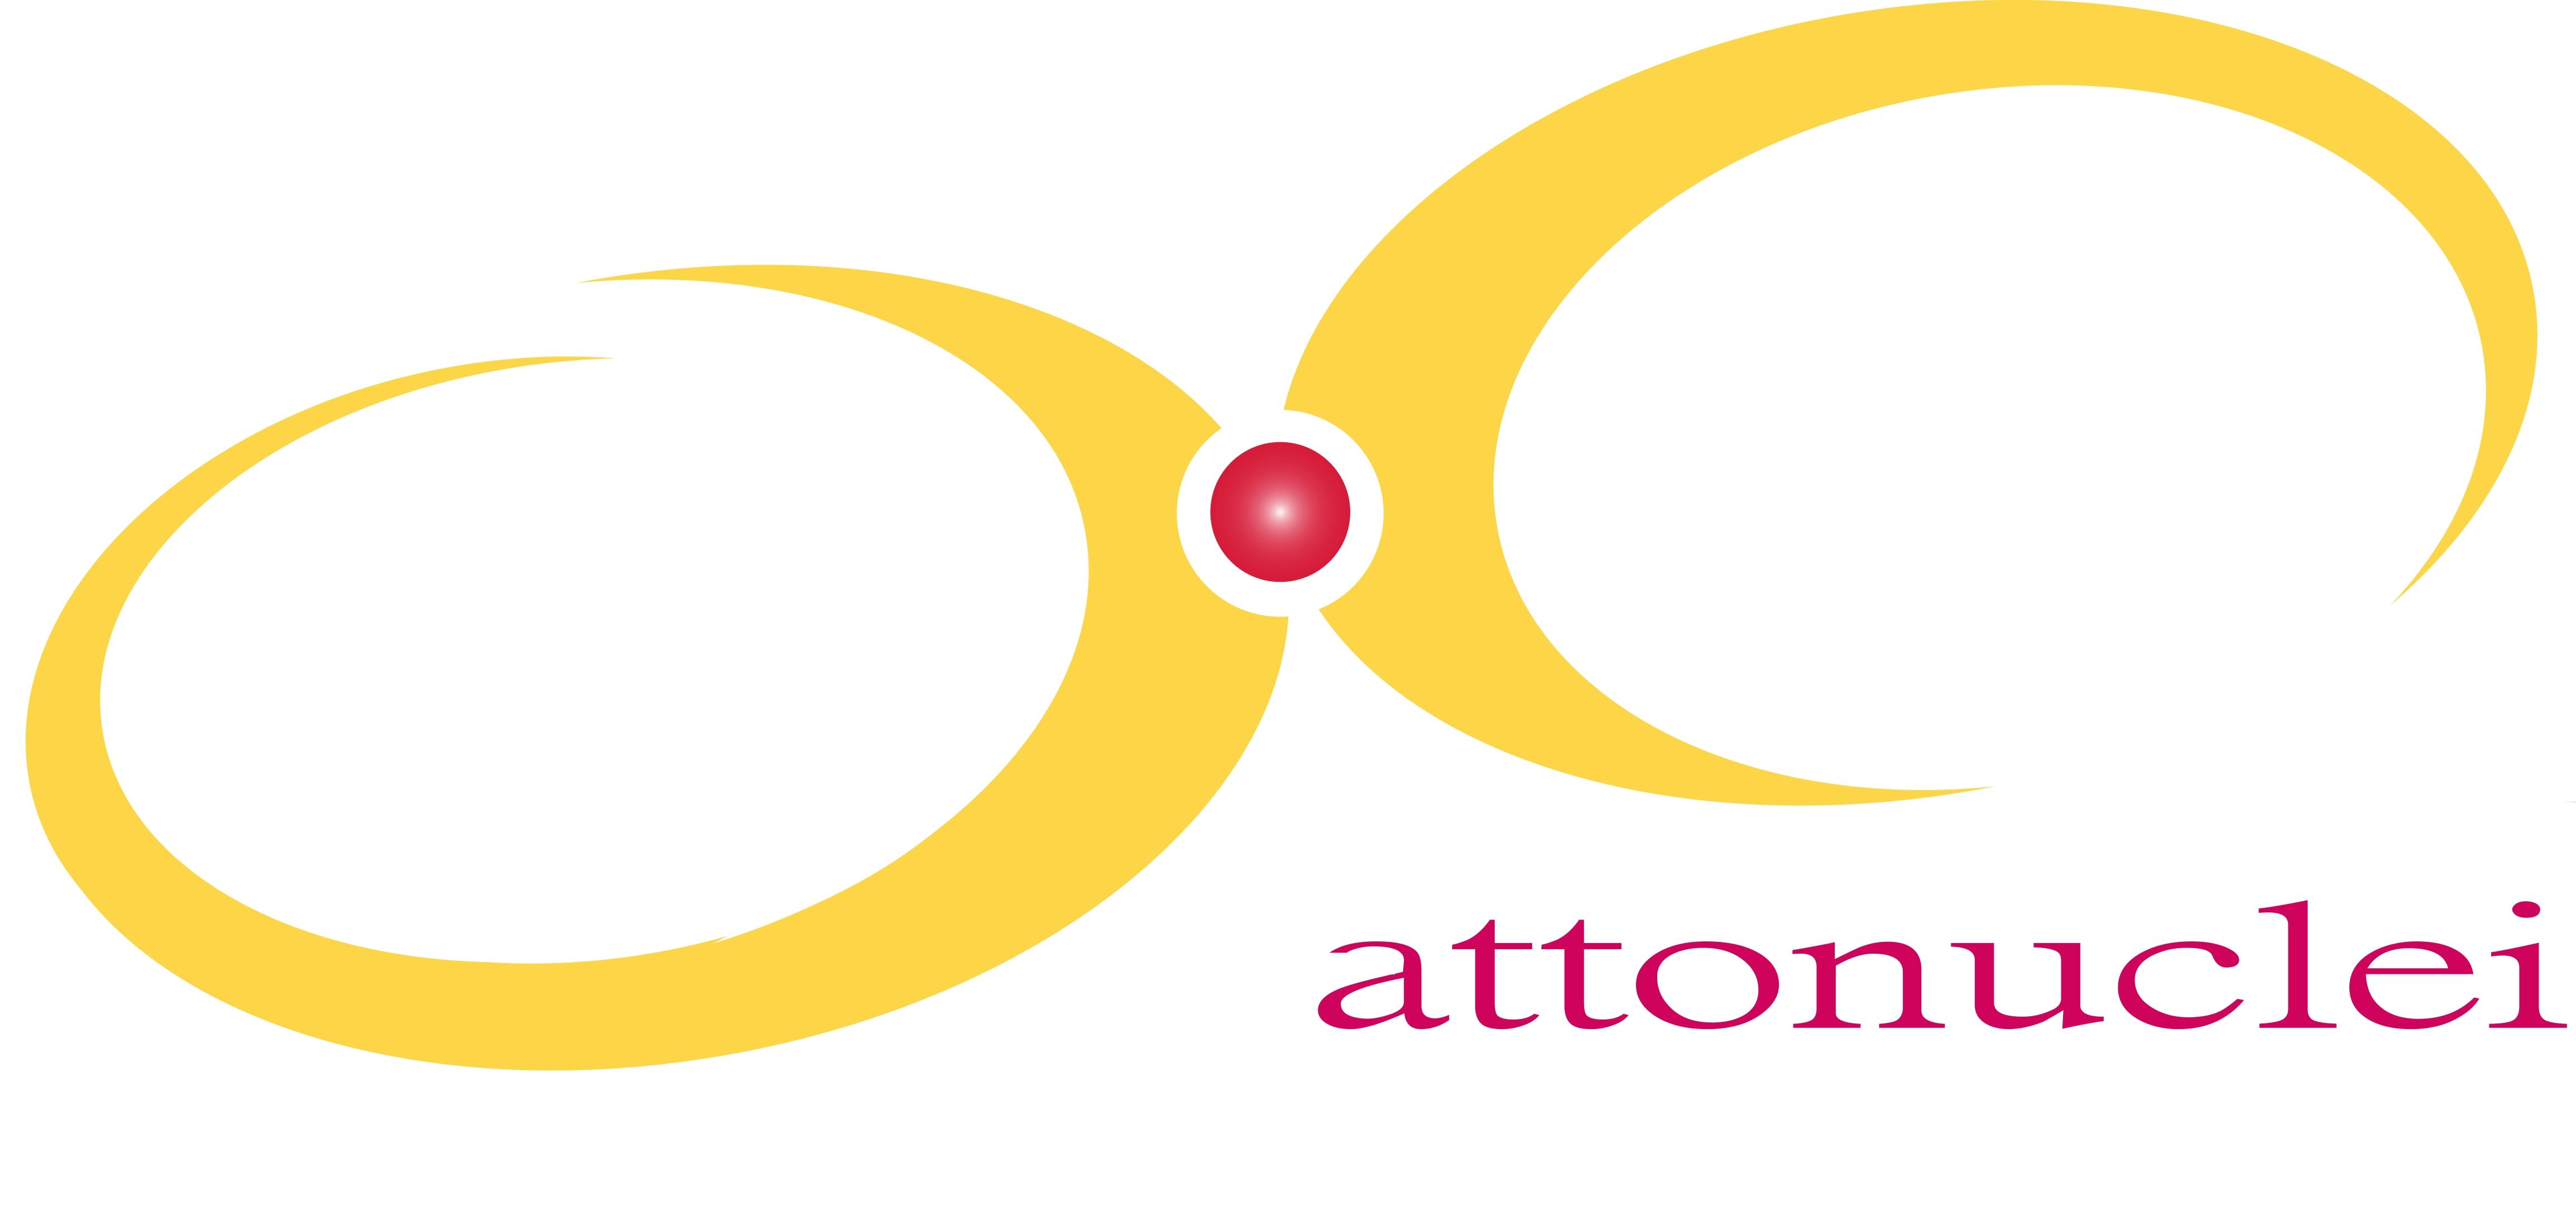 Attonuclei